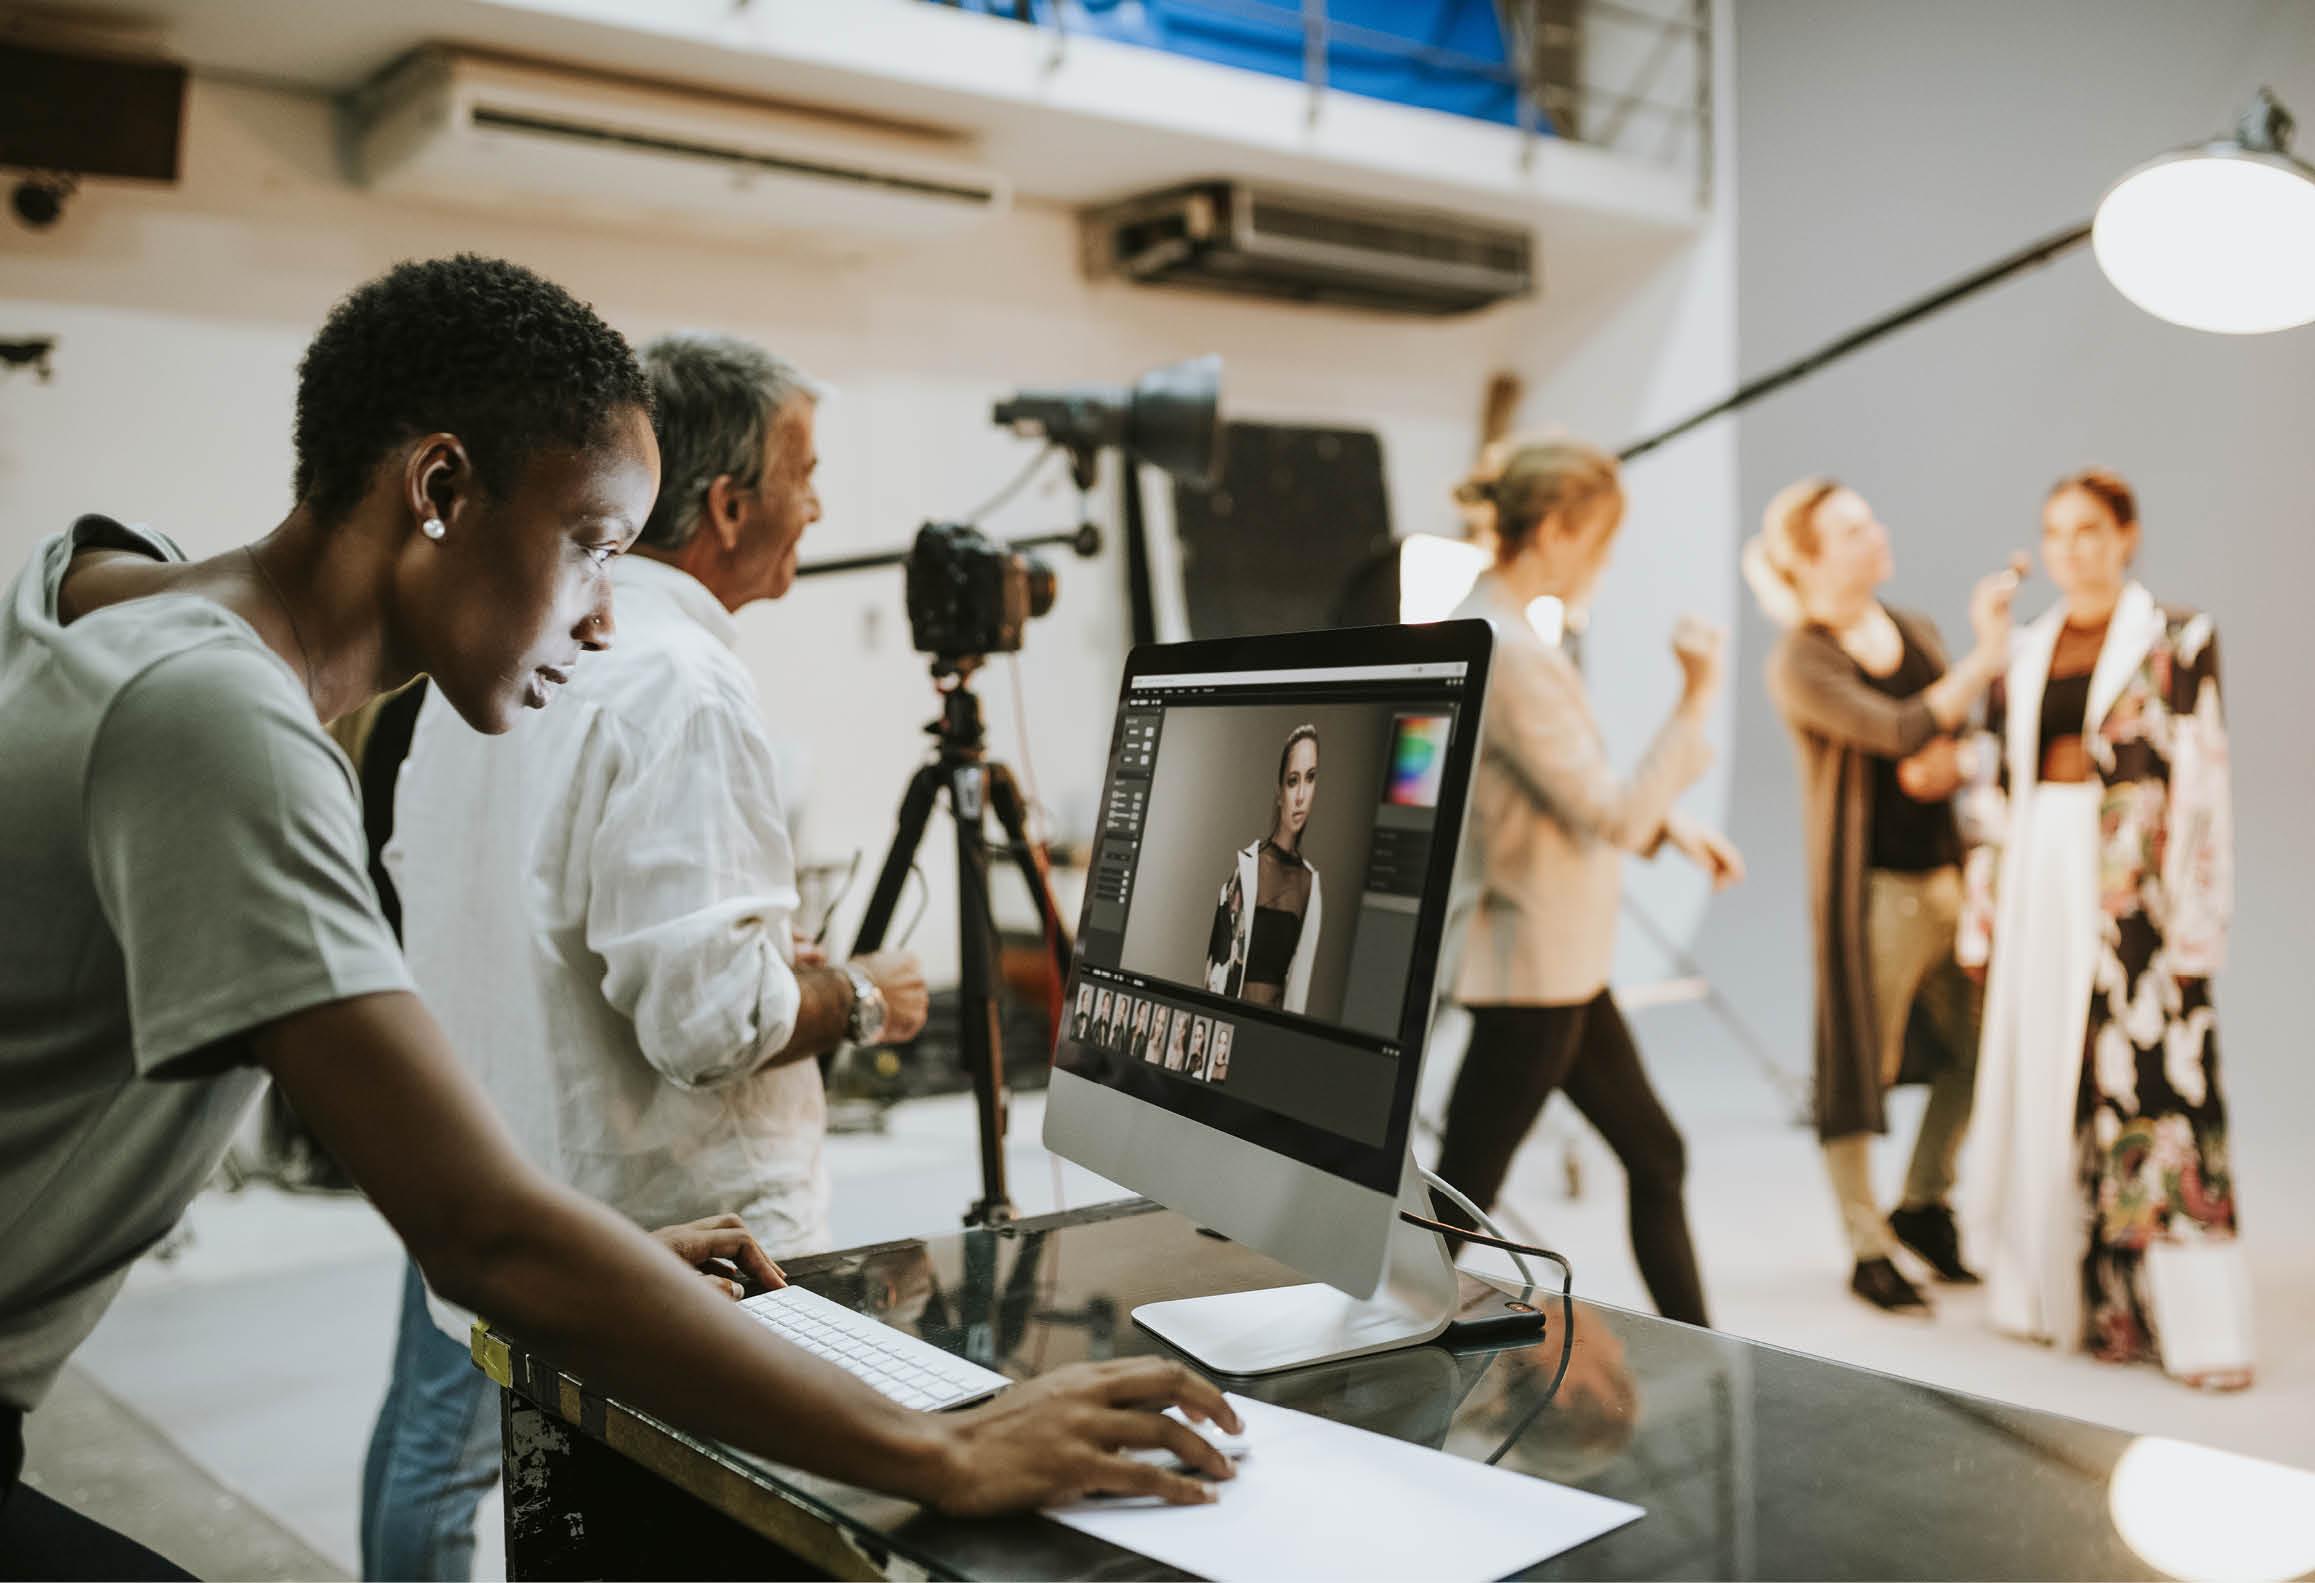 Produktionsteam förbereder inspelning/sändning i en TV-studio